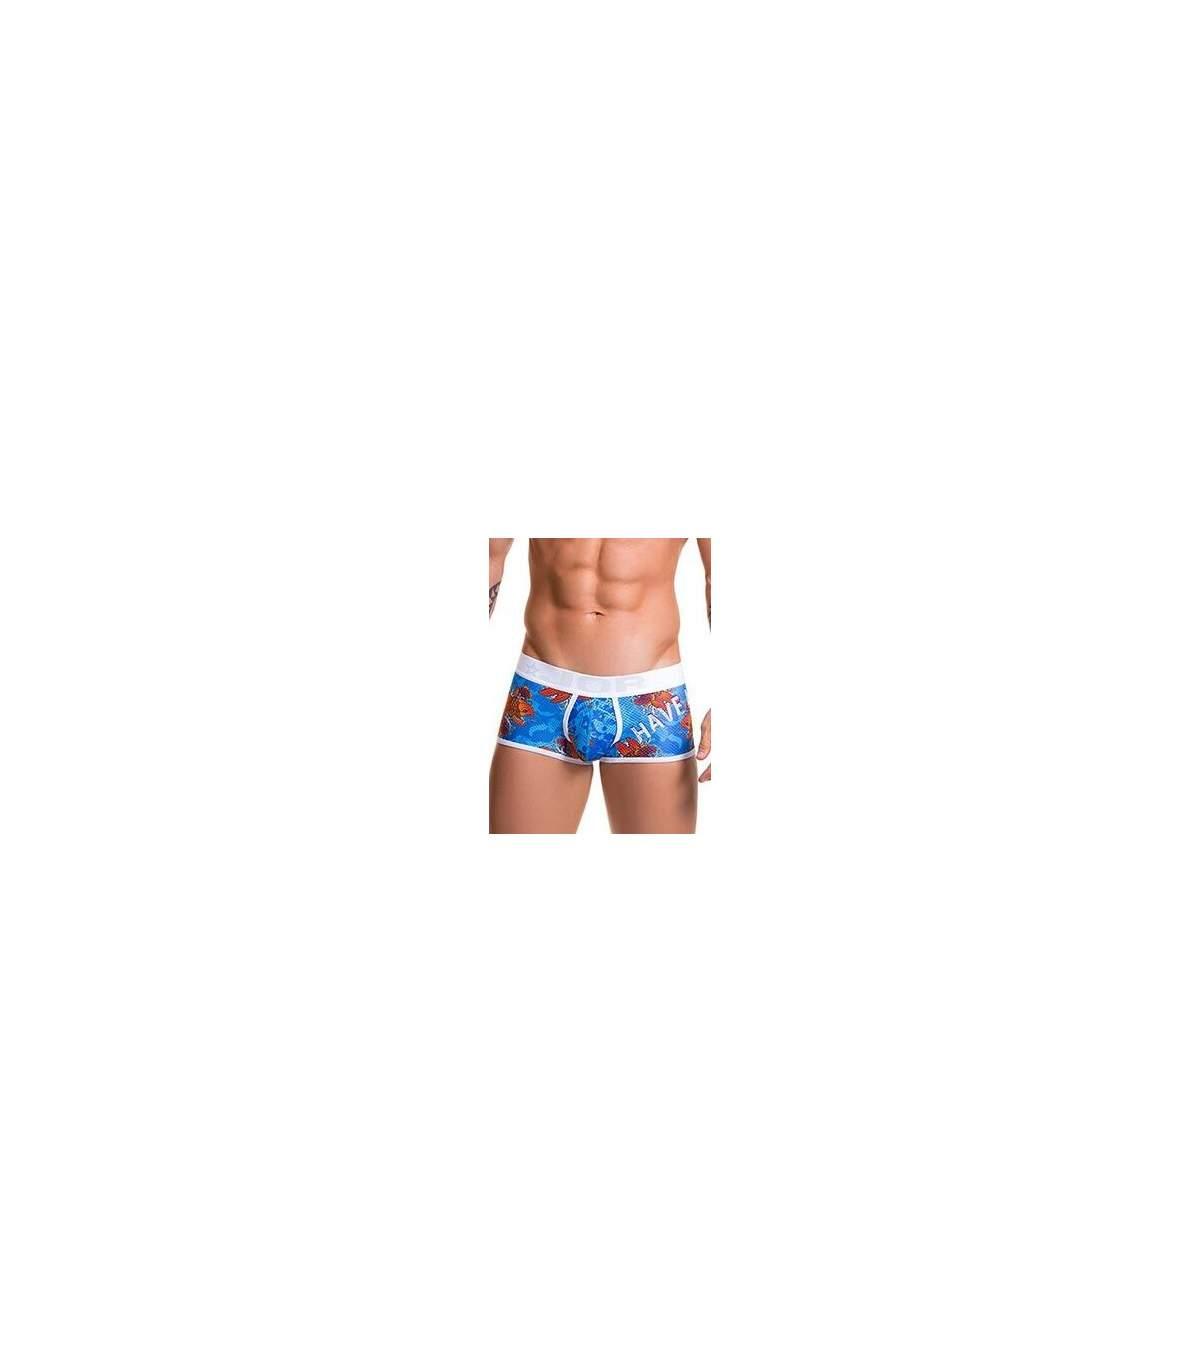 produits chauds mieux nouveau design JOR Underwear Boxer Koï